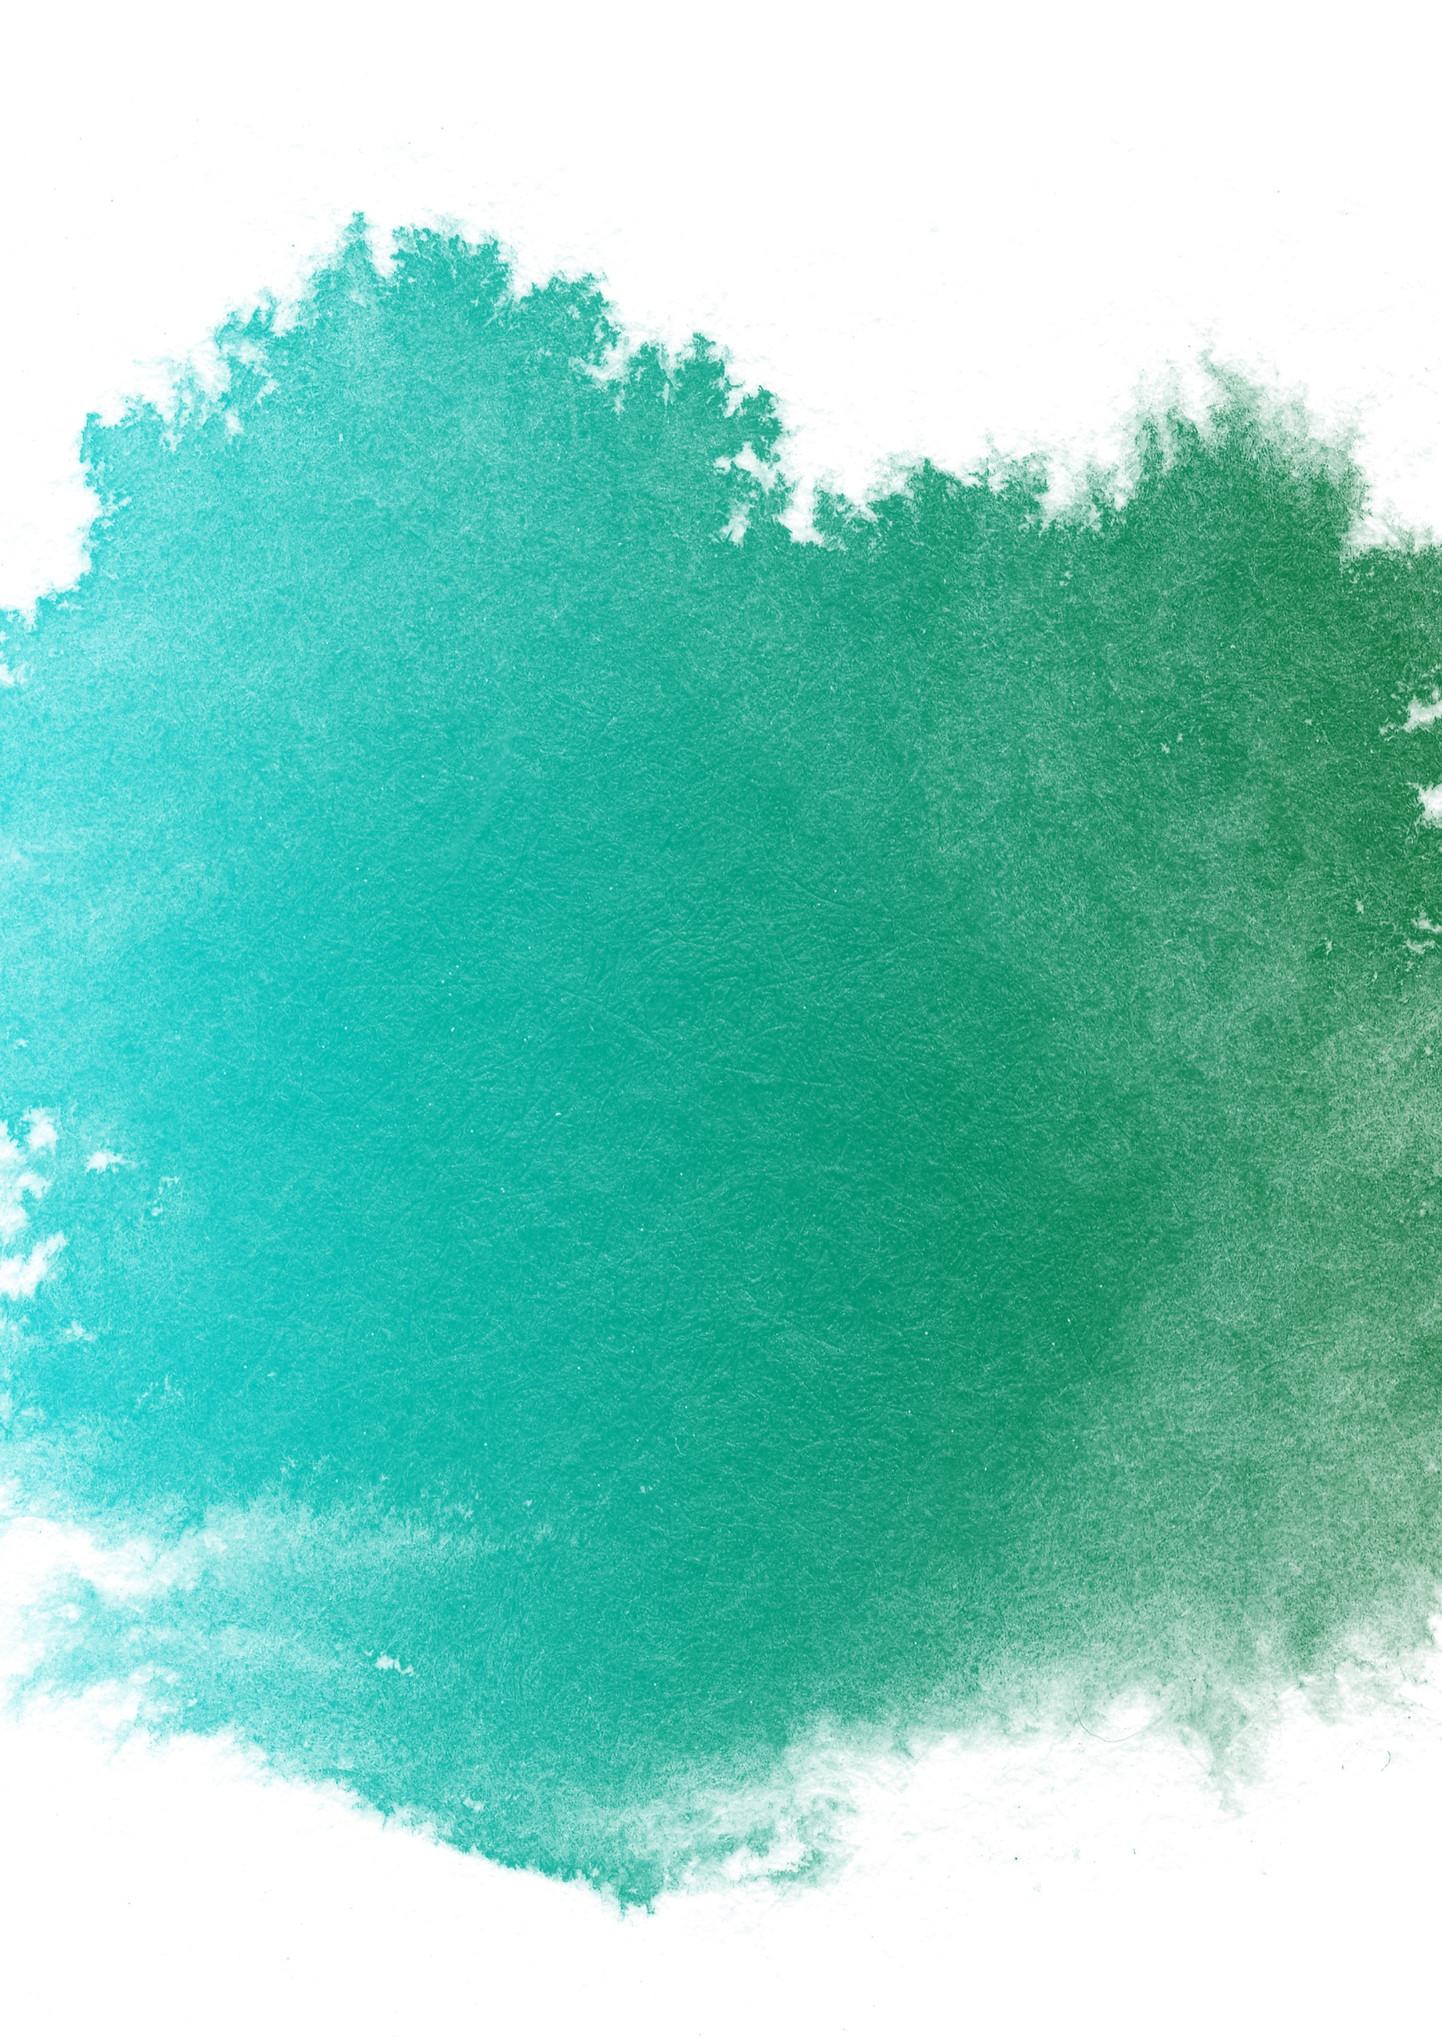 green%20splodge_edited.jpg